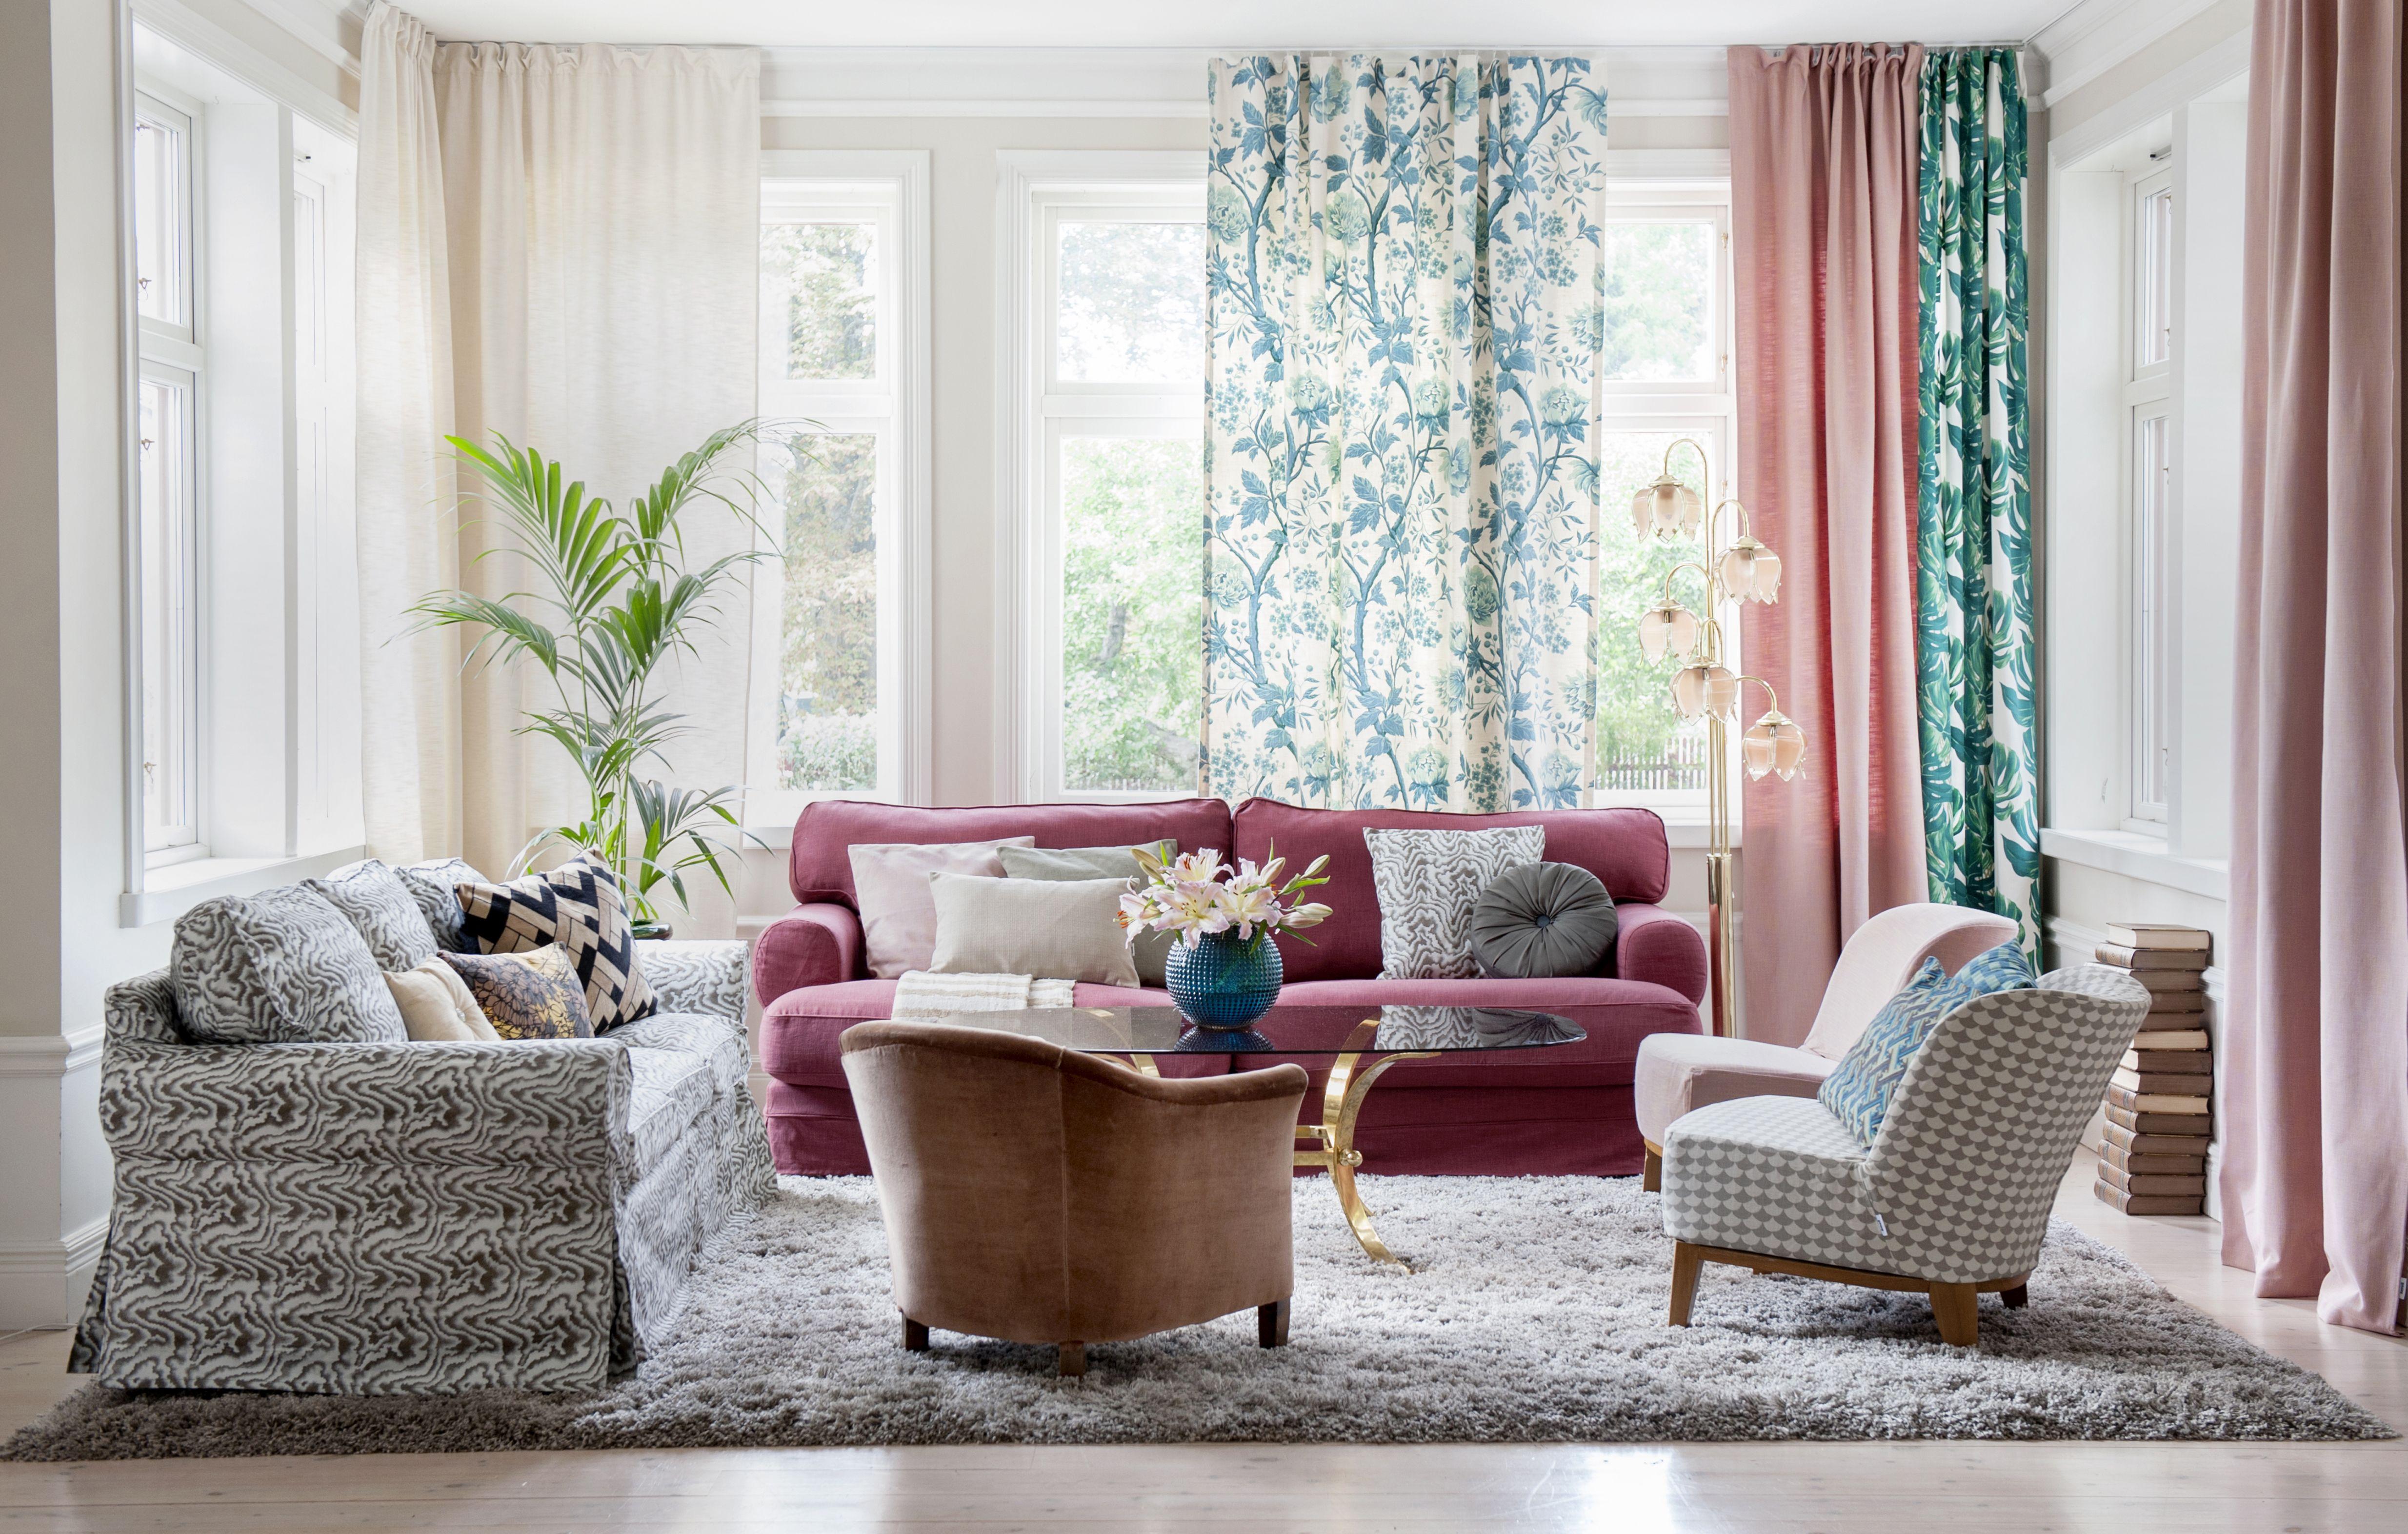 Boho Chic Wohnzimmer IKEA Sofas Und Helle Farben Machen Dieses Zimmer Zu Einem Gemtlichen Wohlfhlraum